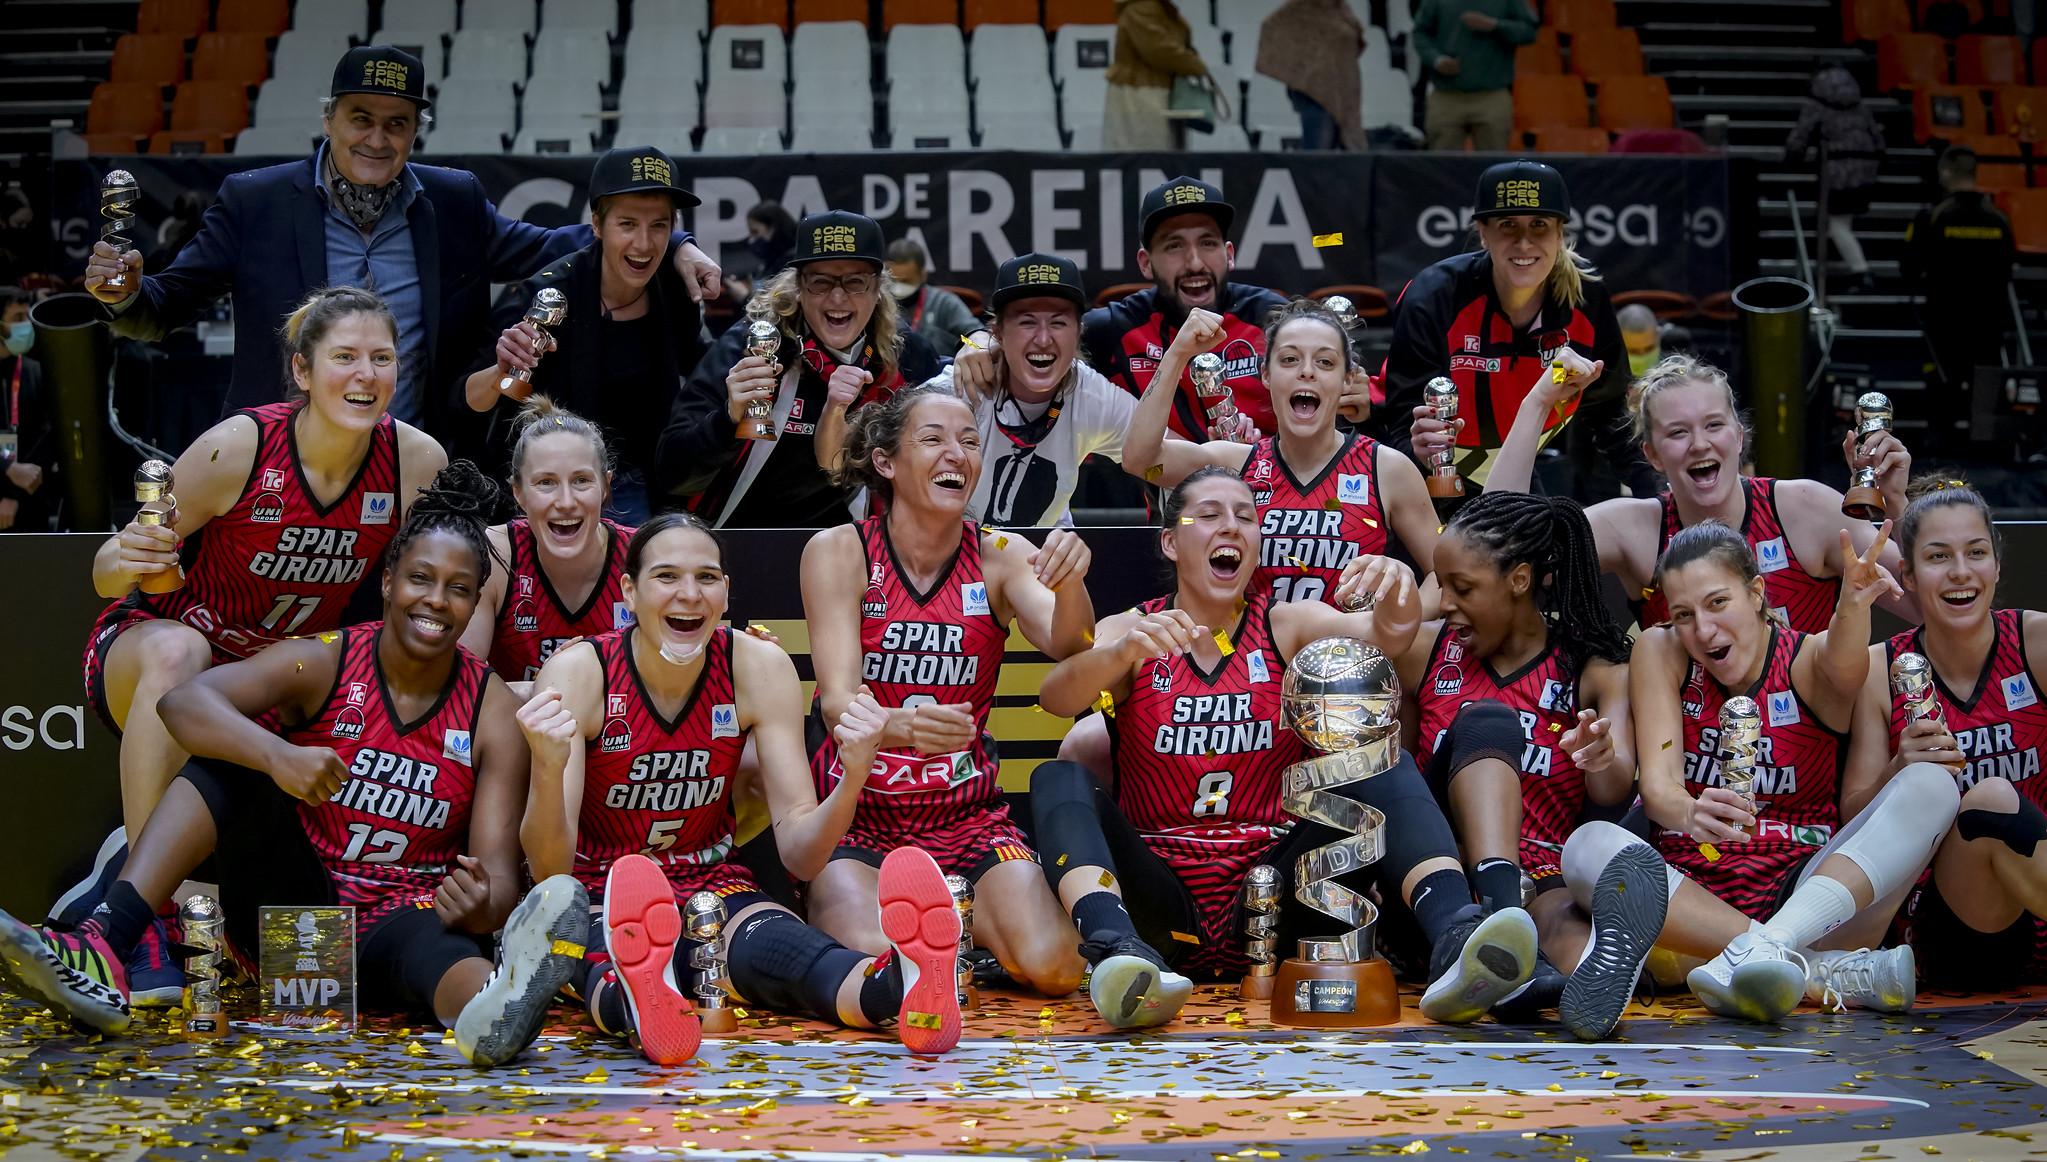 Spar Girona se proclama campeón de la Copa de la Reina por primera vez en su historia